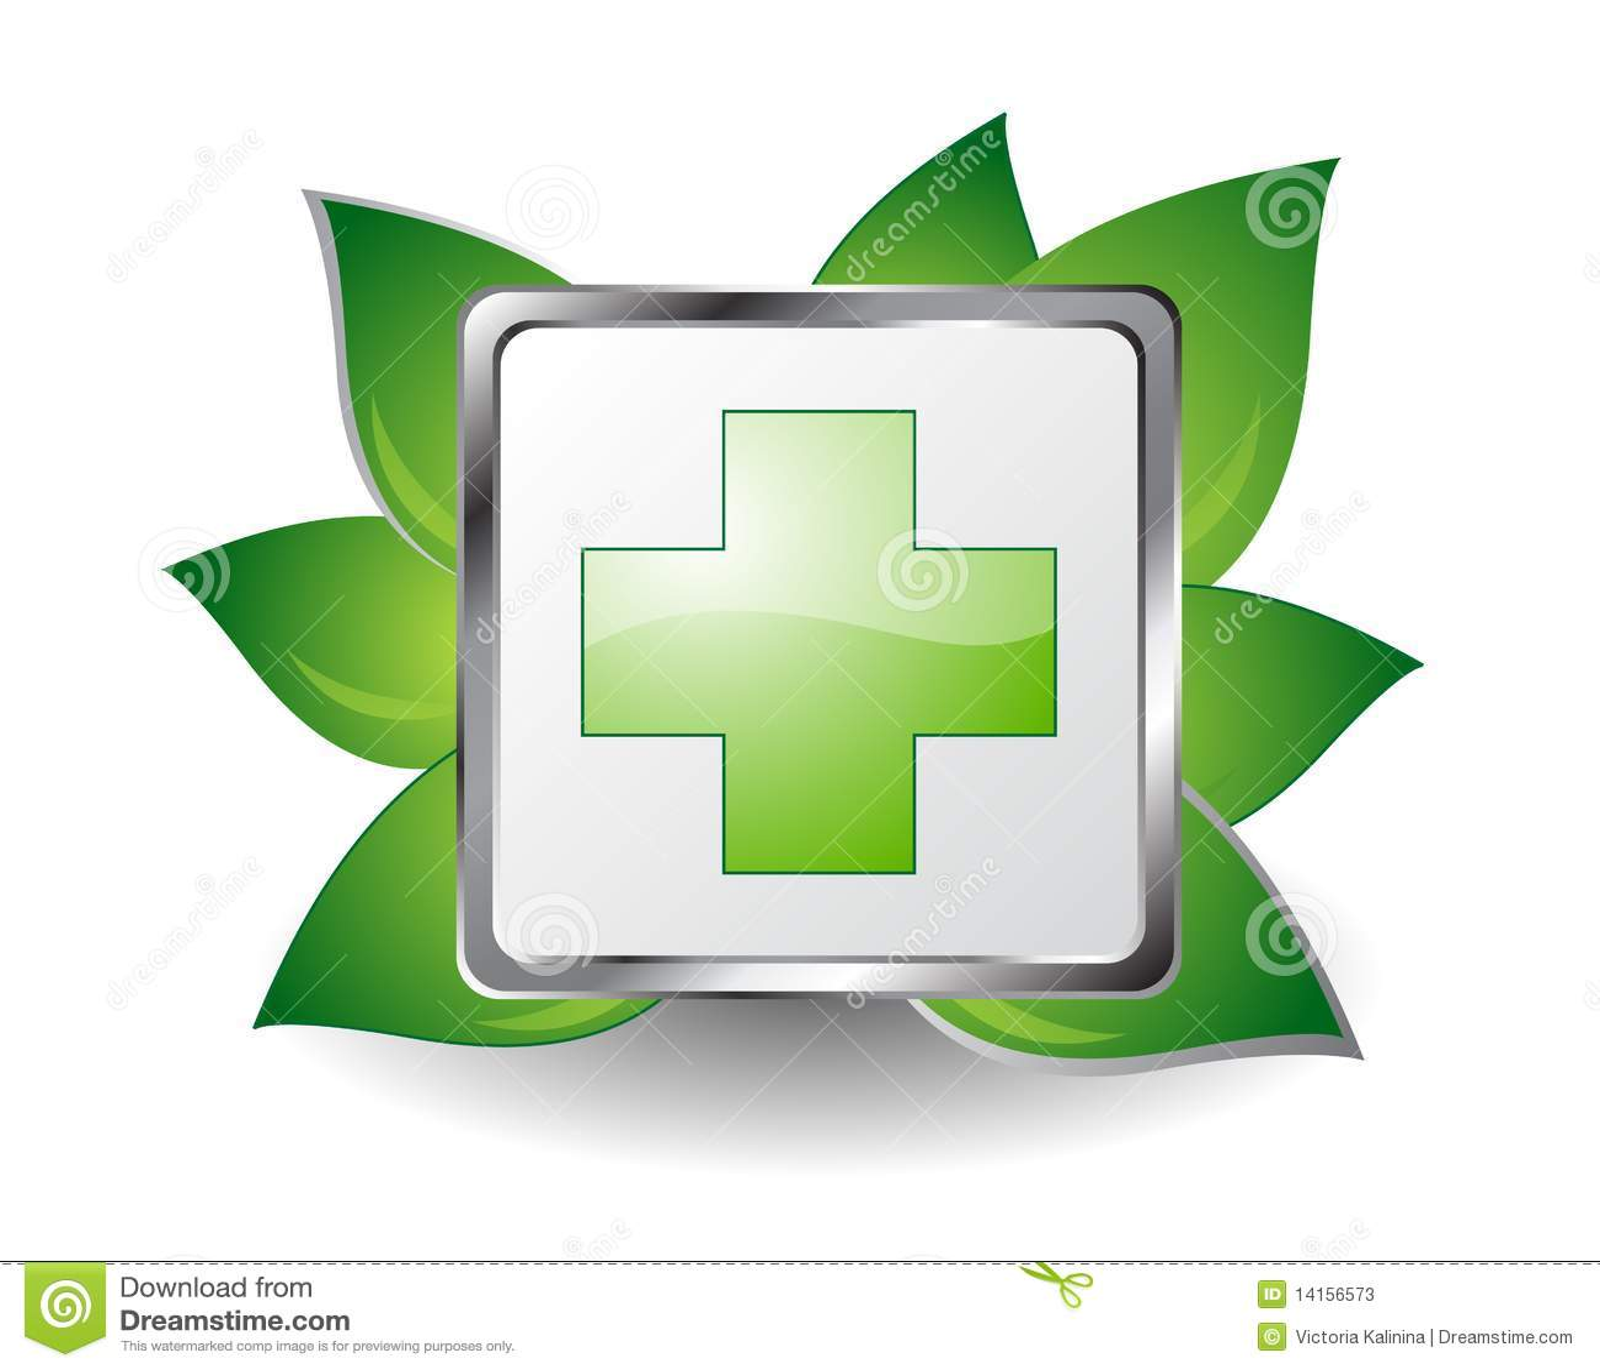 Cruz verde ilustración del vector. Imagen de verde, cruz